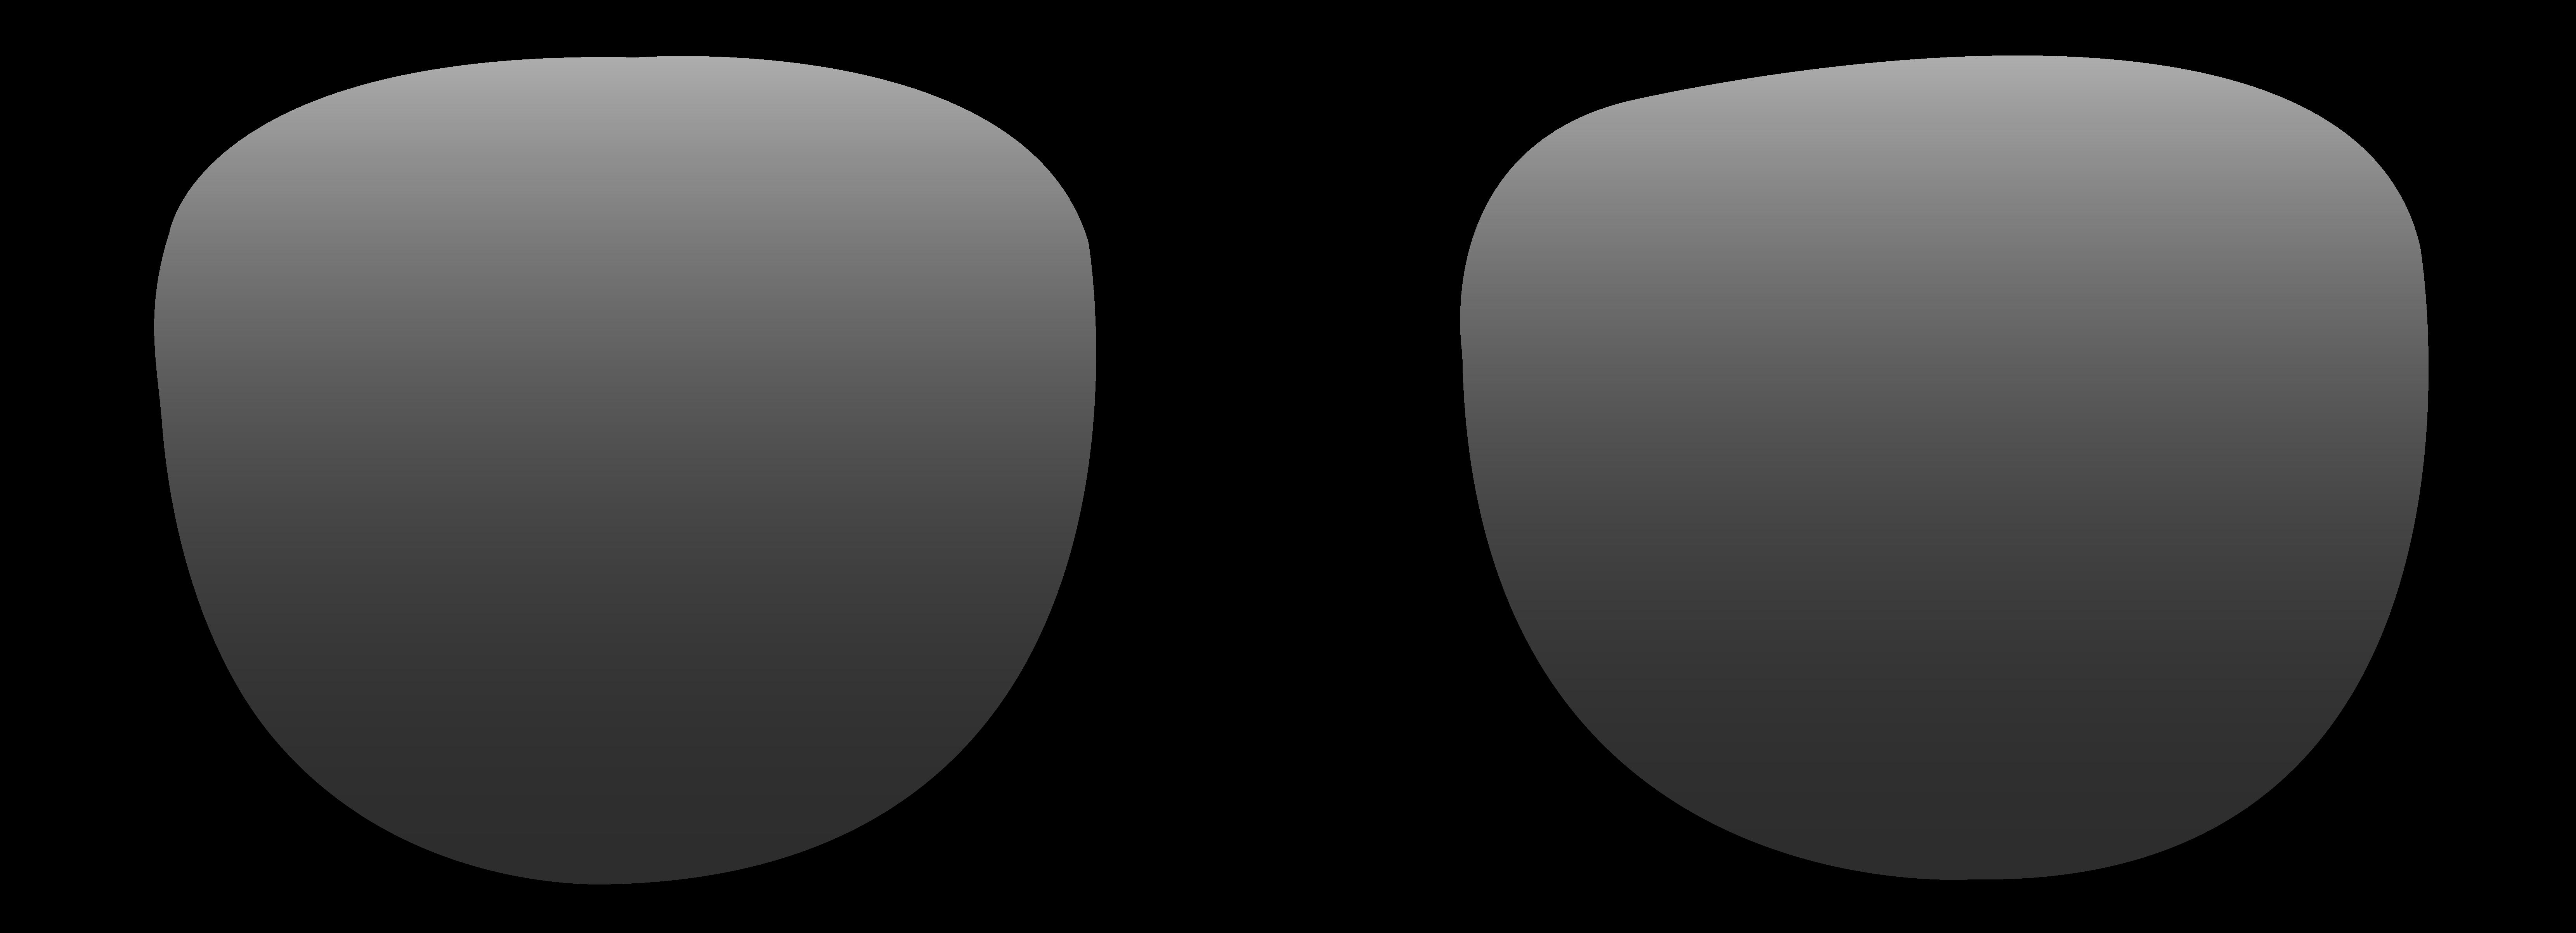 Sun glasses clipart black and shite image black and white stock Sunglasses - Page 8 of 11 - ClipartBlack.com image black and white stock